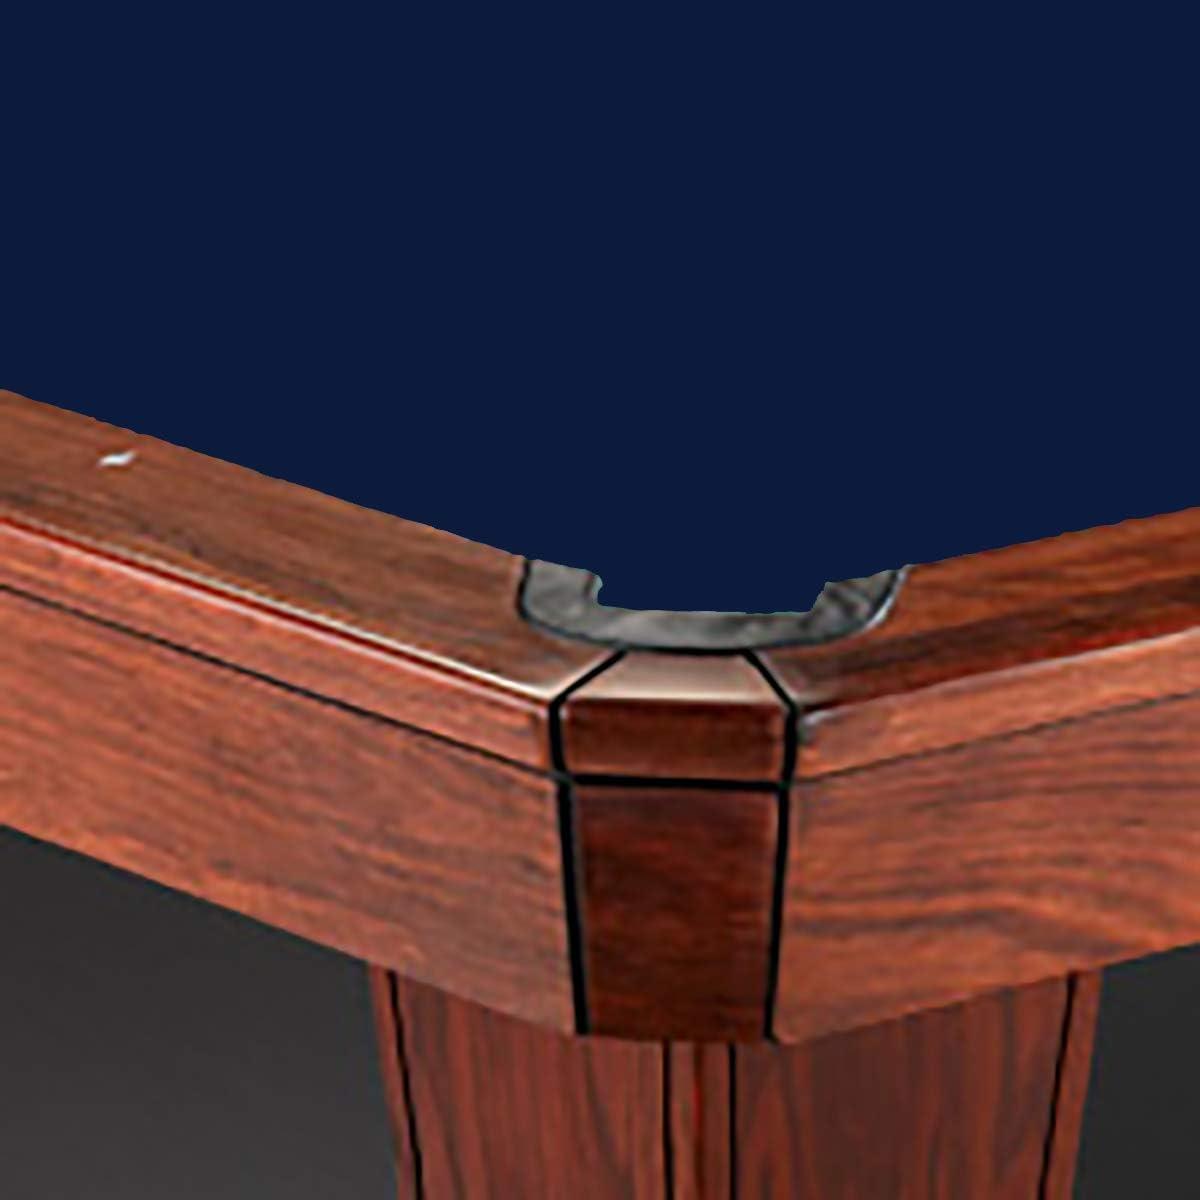 8 'シモニスクロス760 MarineブルービリヤードPool Table Clothフェルト